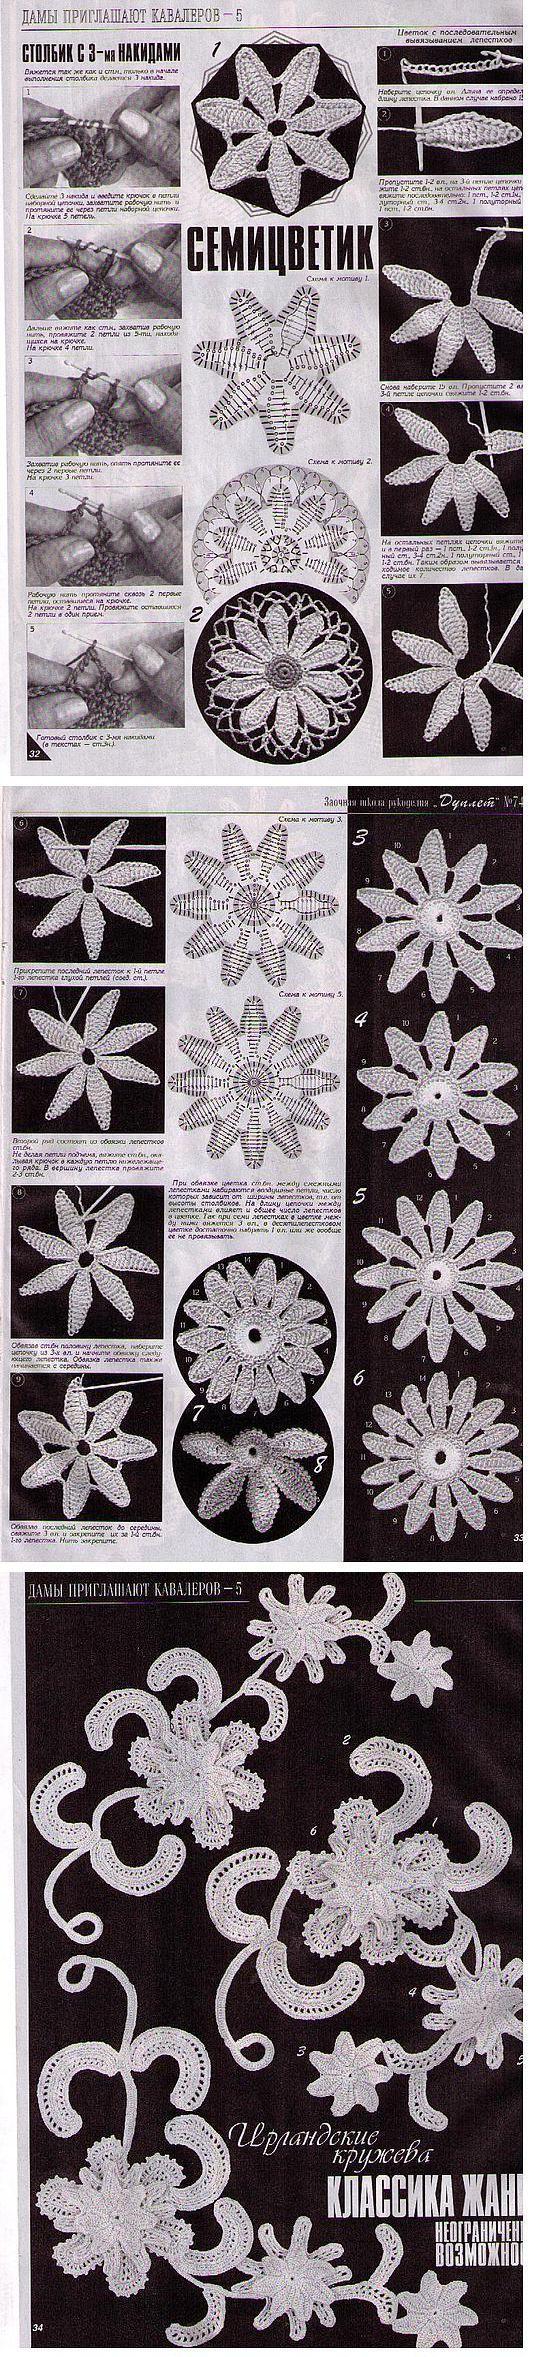 Круглые мотивы - Цветы как элемент ИК